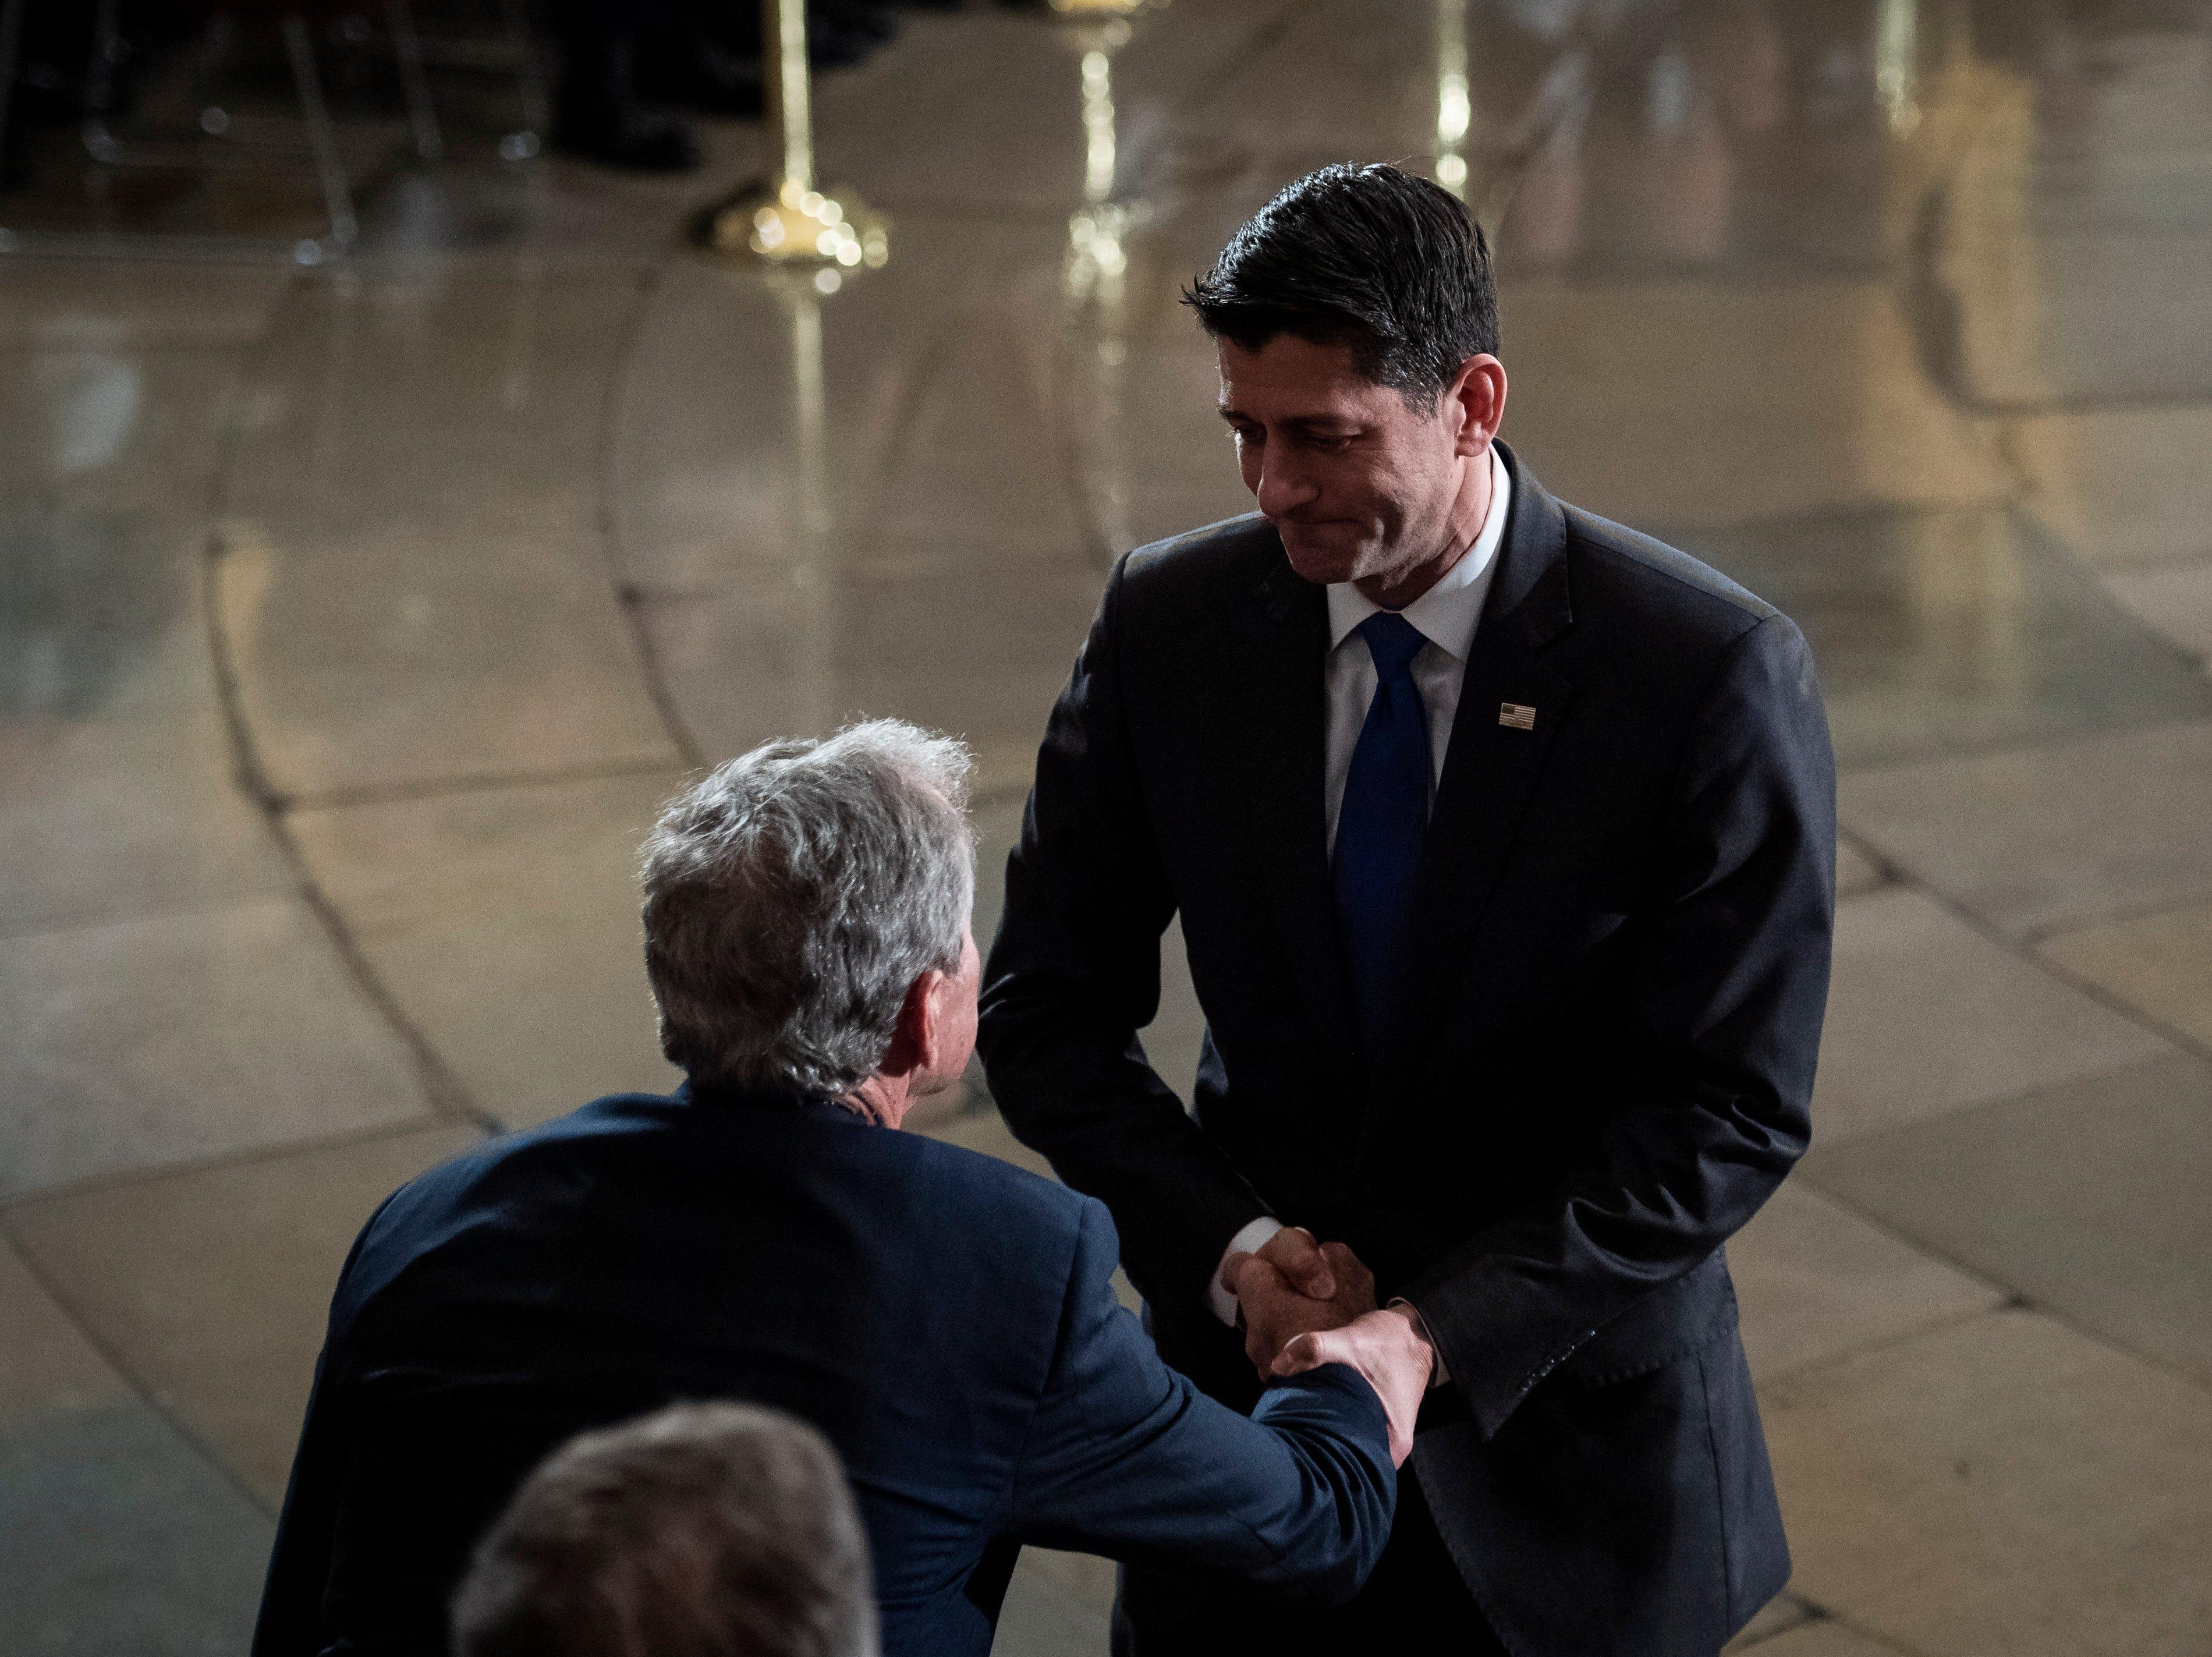 El representante de la Cámara de Representantes, Paul Ryan (der), saluda al ex presidente de los Estados Unidos, George W. Bush, durante una ceremonia para el ex presidente de los Estados Unidos, George H.W. Bush en la Rotonda del Capitolio de los Estados Unidos el 3 de diciembre de 2018 en Washington, DC.